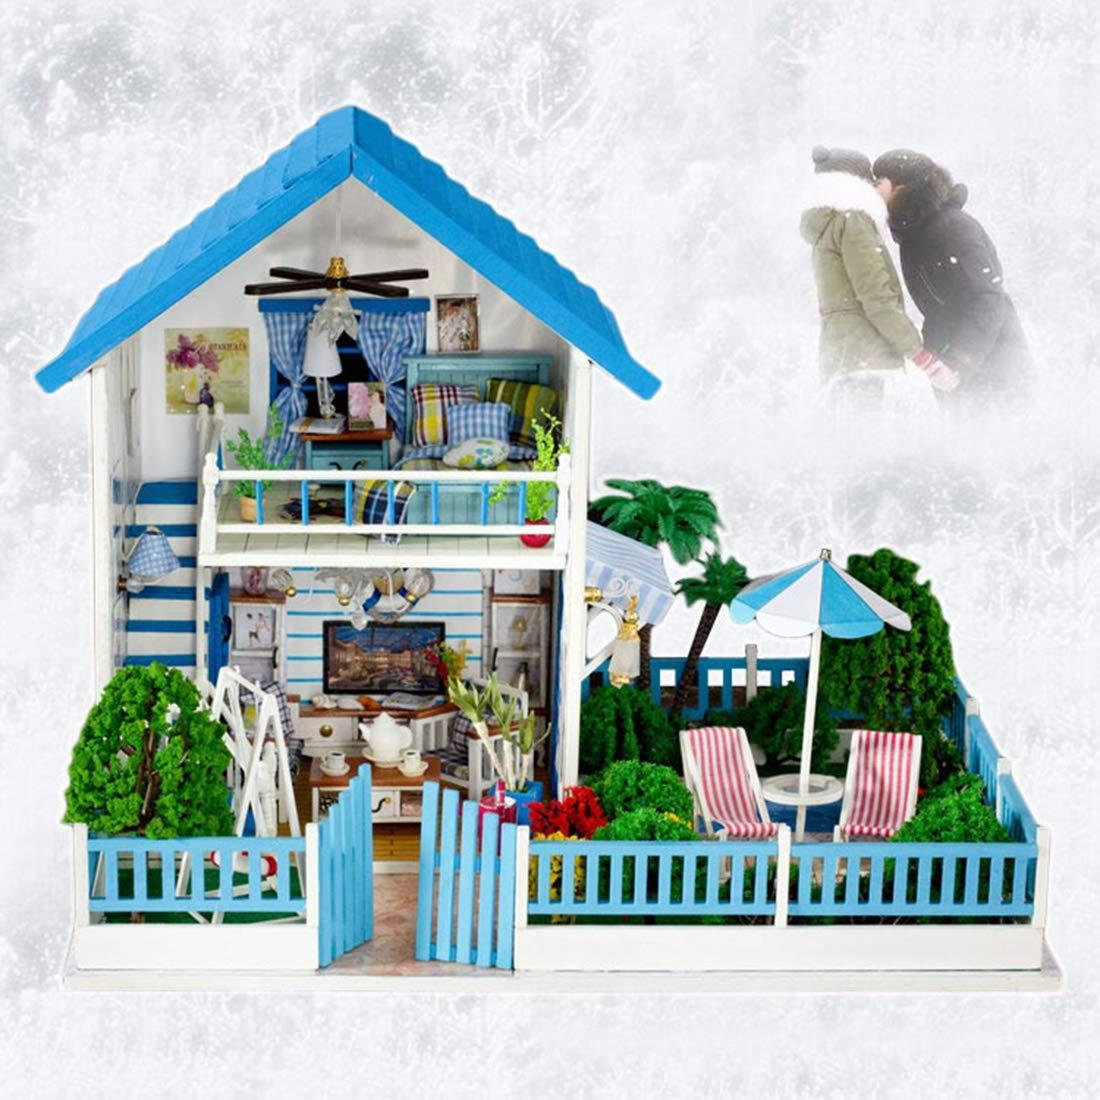 WWWSHM Holz-Miniatur-Dollhouse Model Kit mit LED und Möbel Handmade House Building Kit Weißnachtsgebäck gibt Adult und Teen (Romantische Hütte) Coule-Boutique